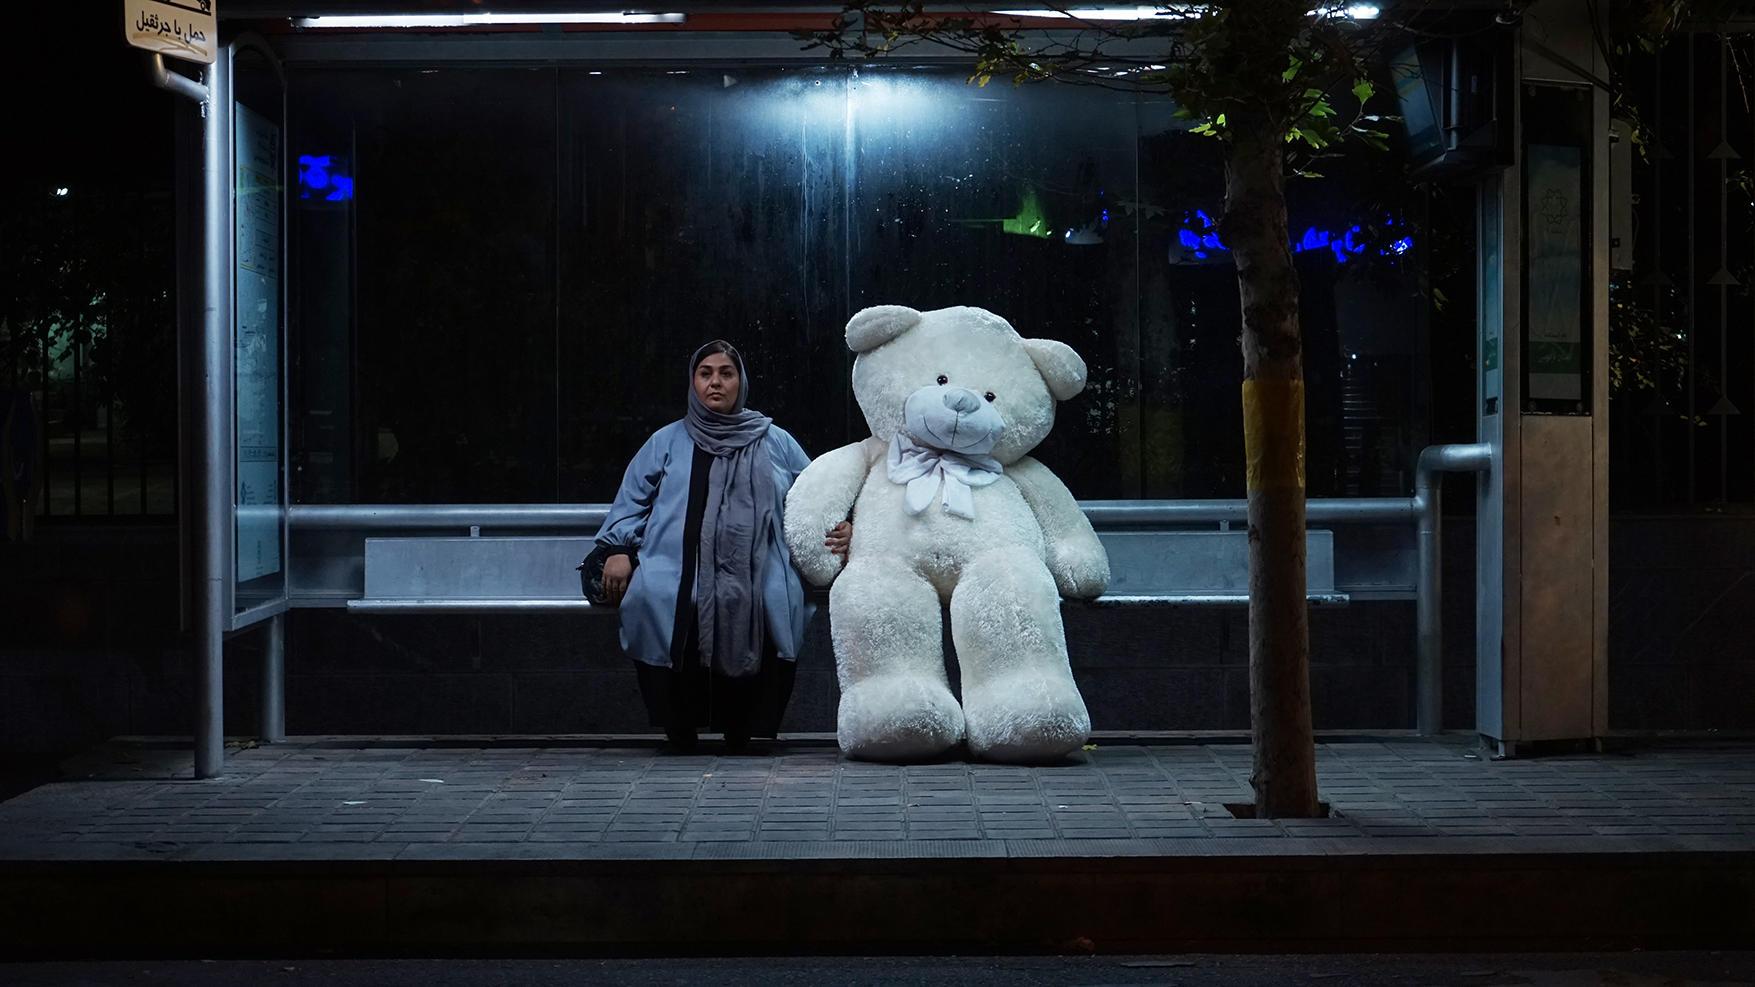 [43ª Mostra de São Paulo] Teerã Cidade do Amor (Tehran: City of Love, 2018)